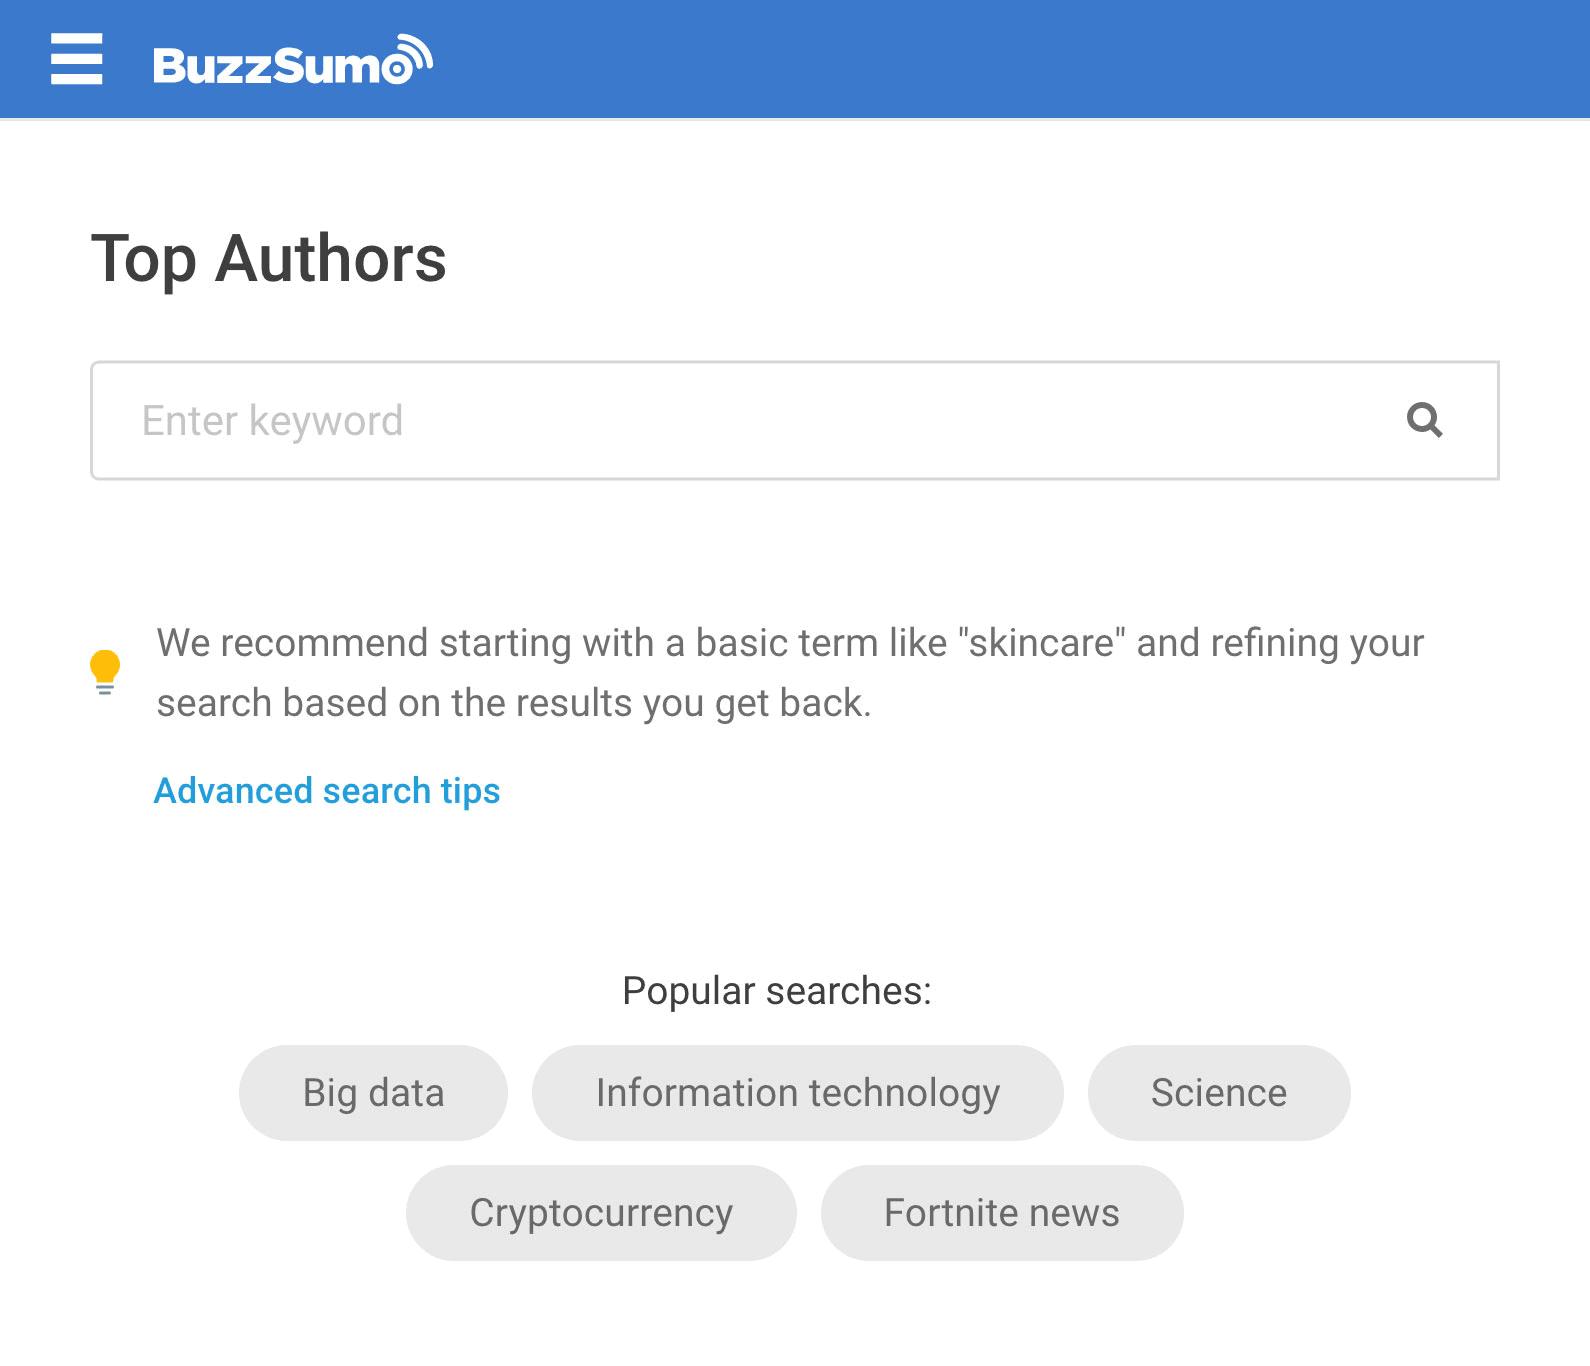 BuzzSumo – Top Authors Tool